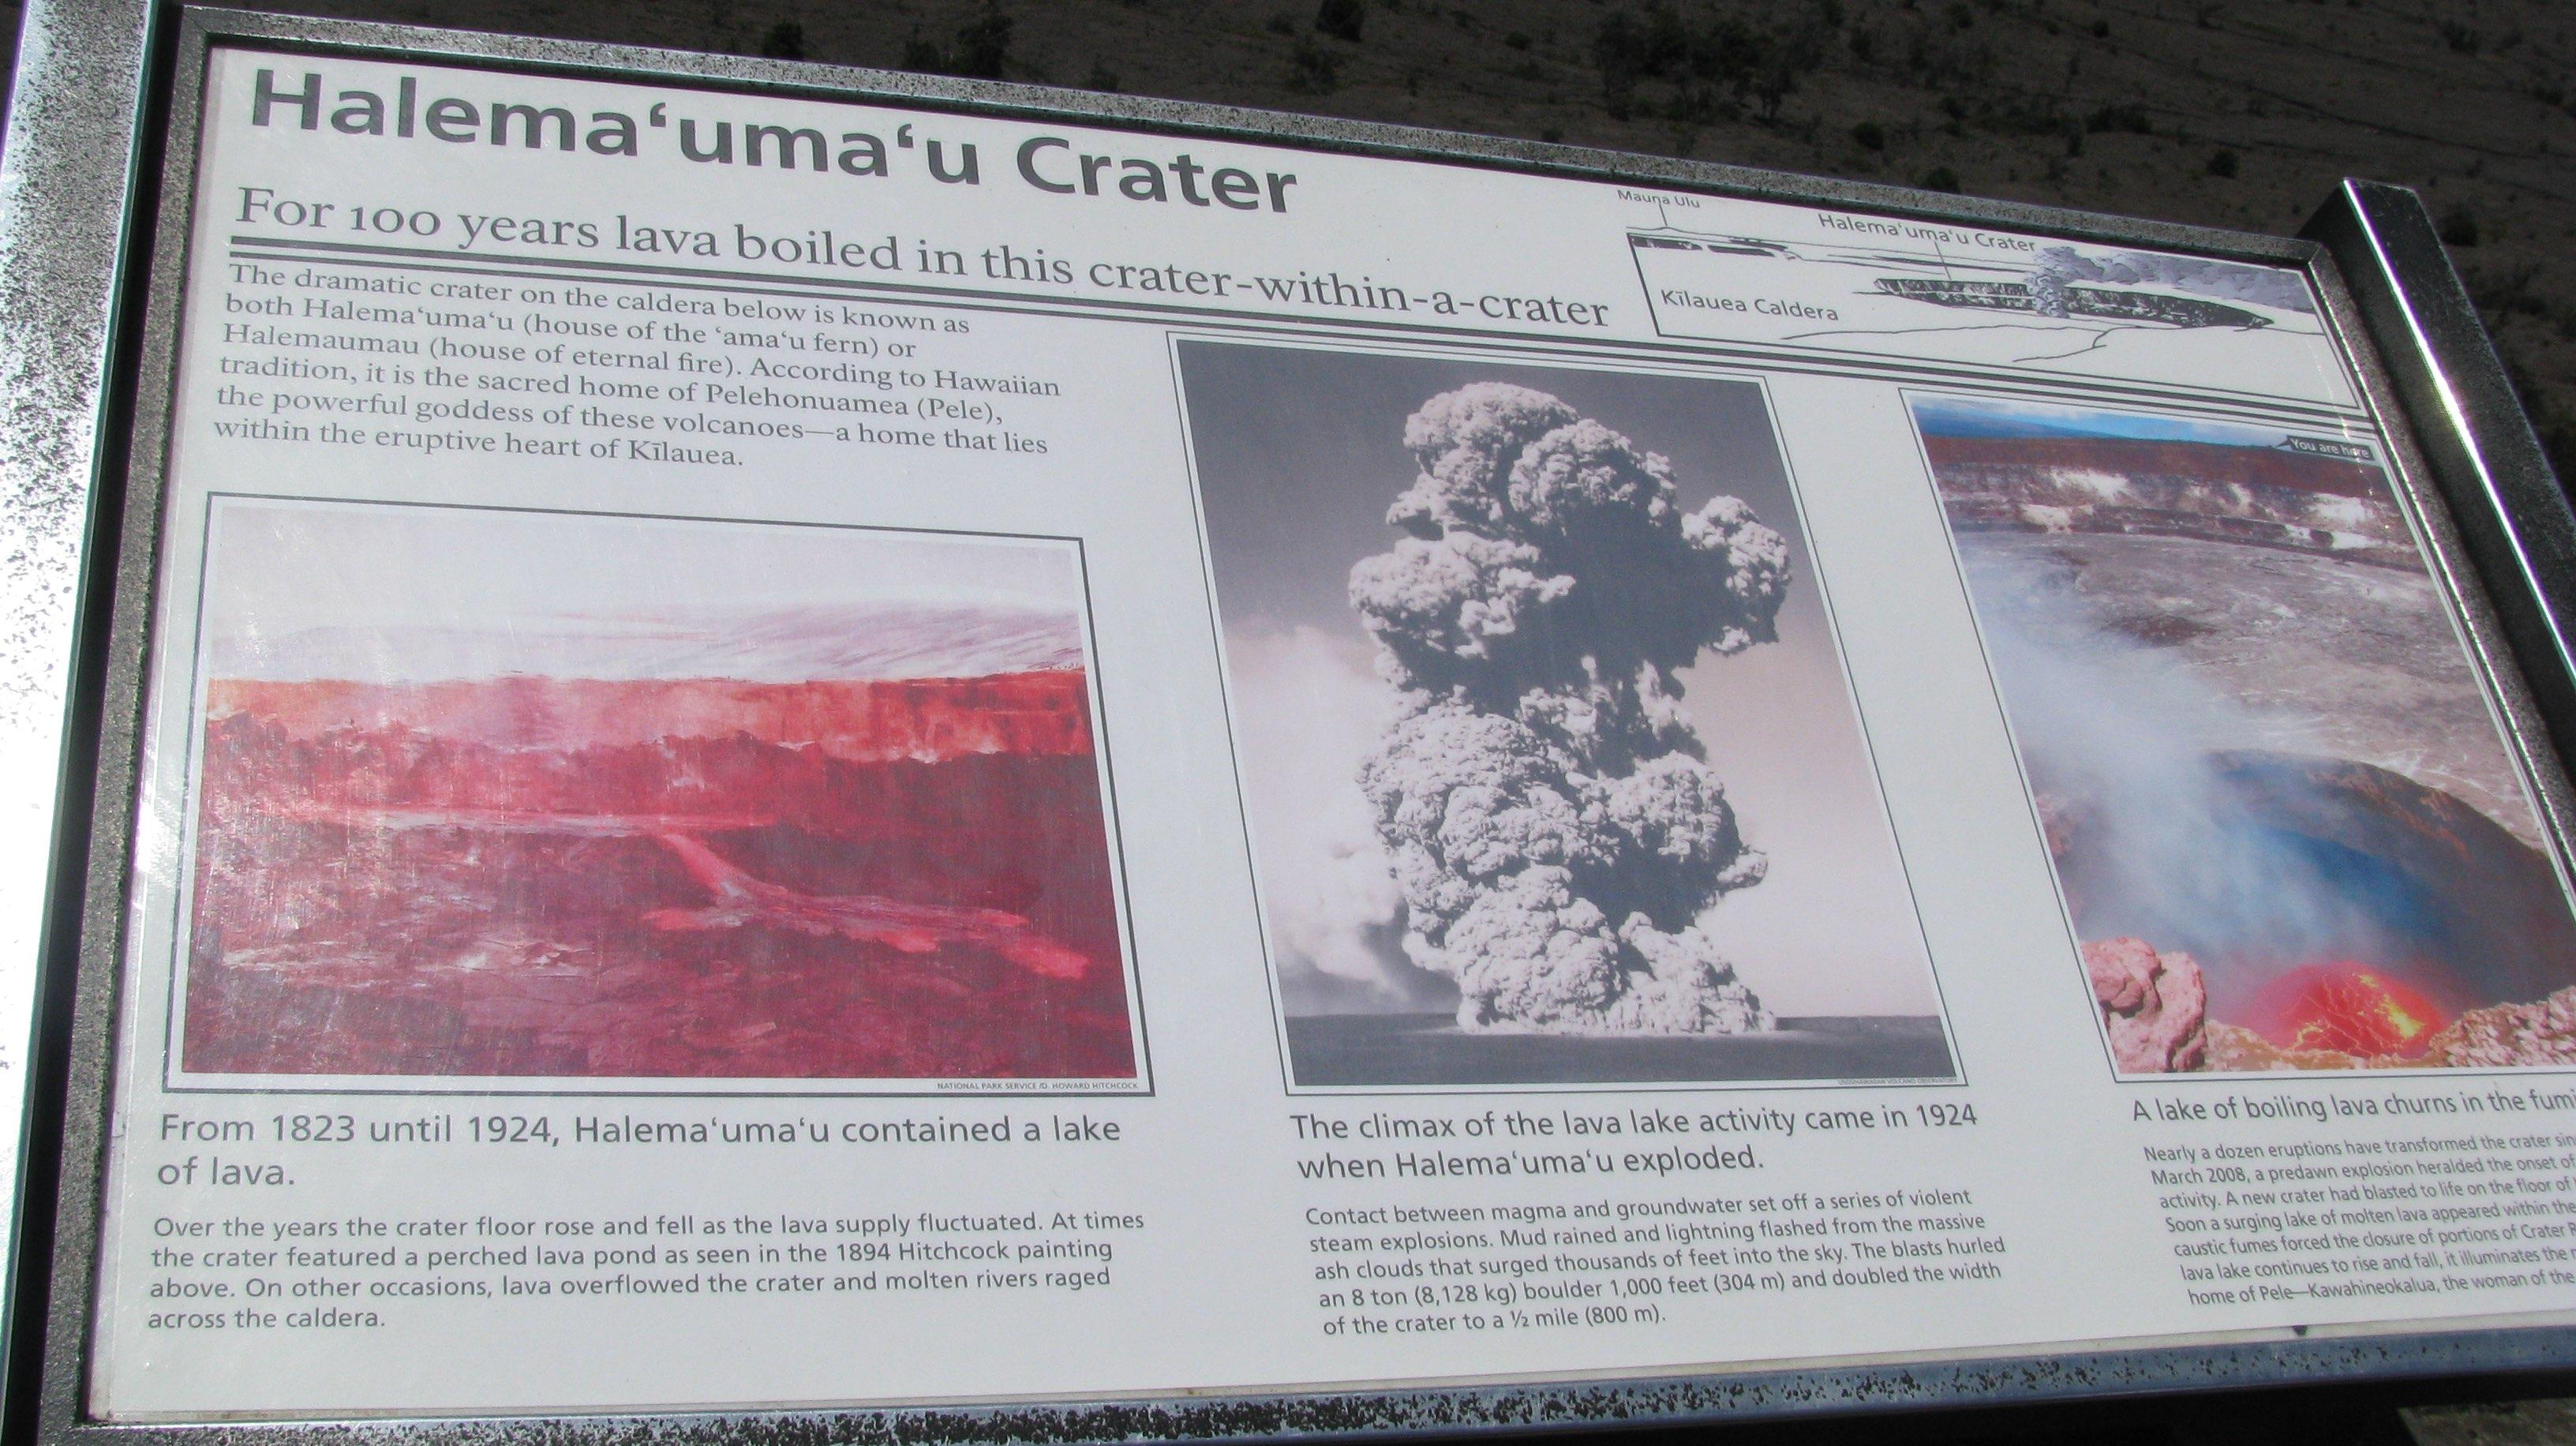 Halema 'uma'u Crater